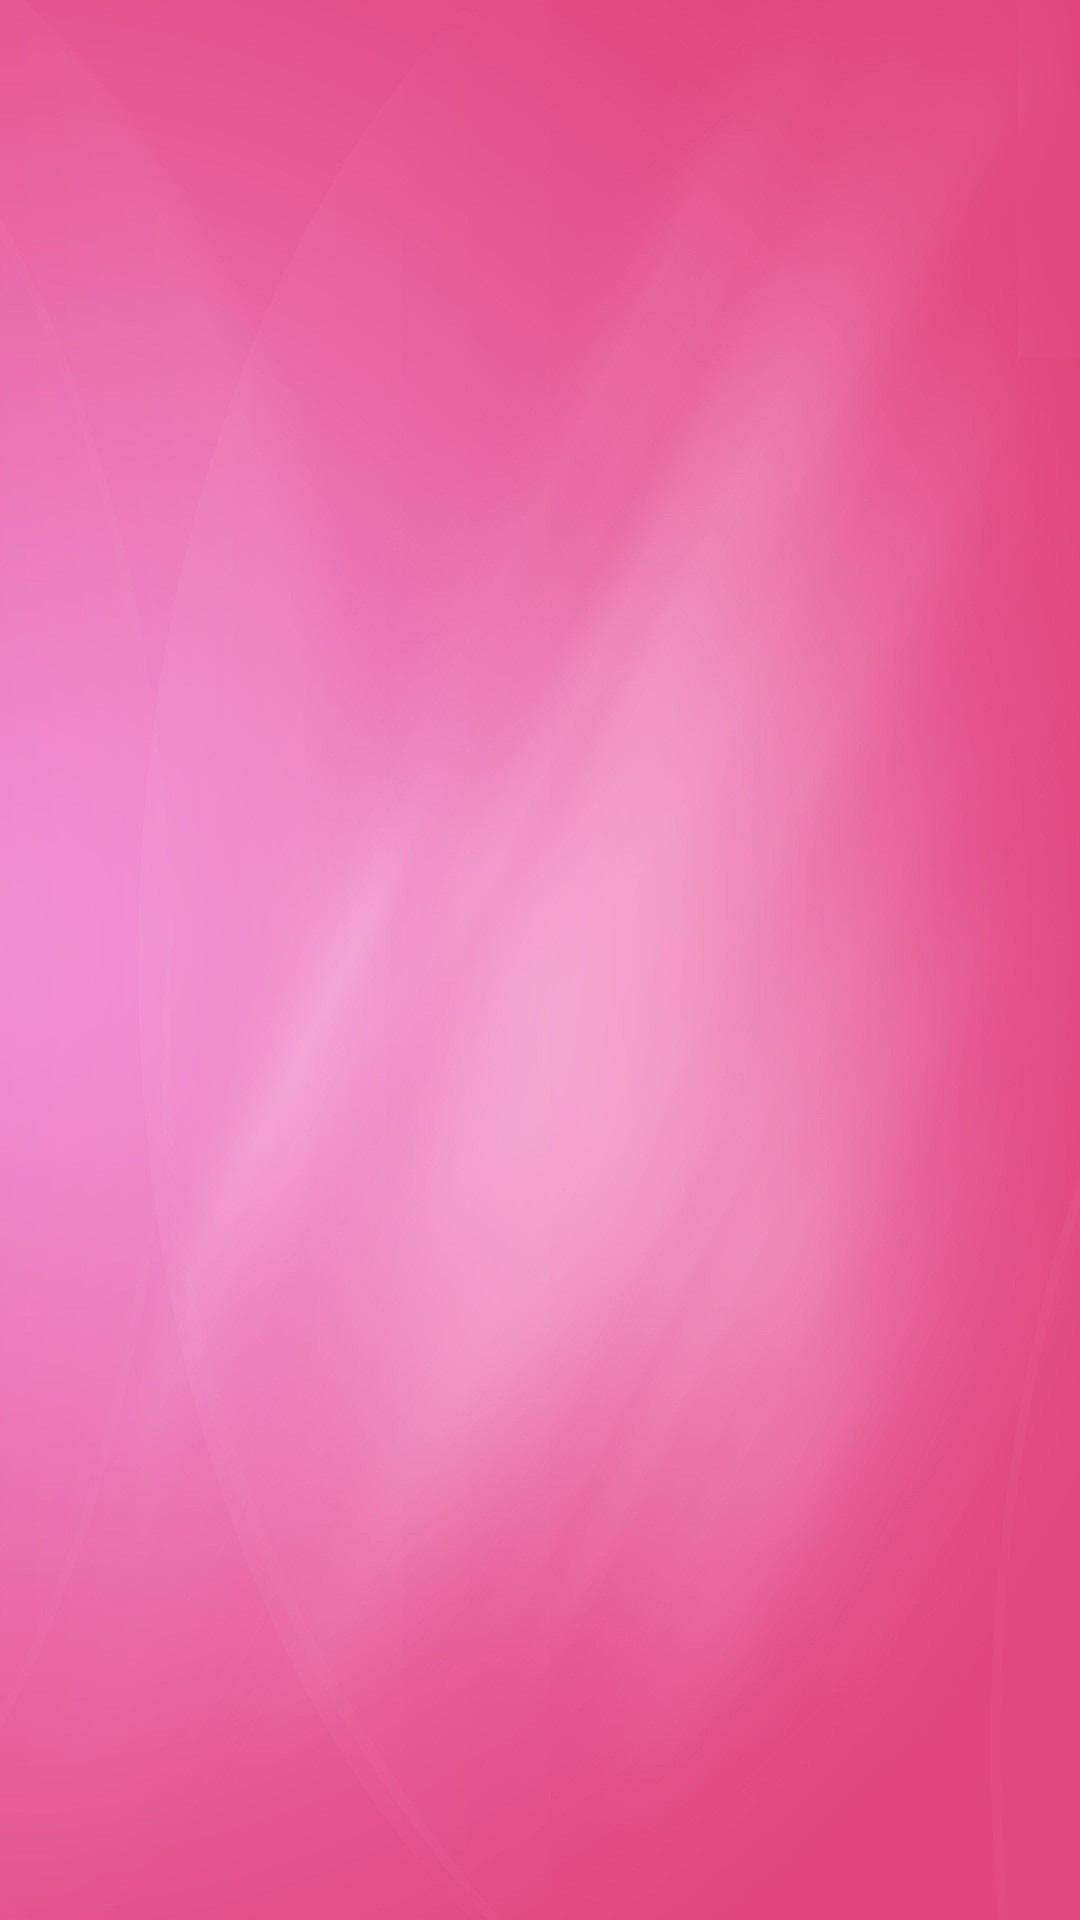 Sick Iphone 4 Wallpapers Wallpaper Weekends In The Pink Pink Iphone Wallpapers